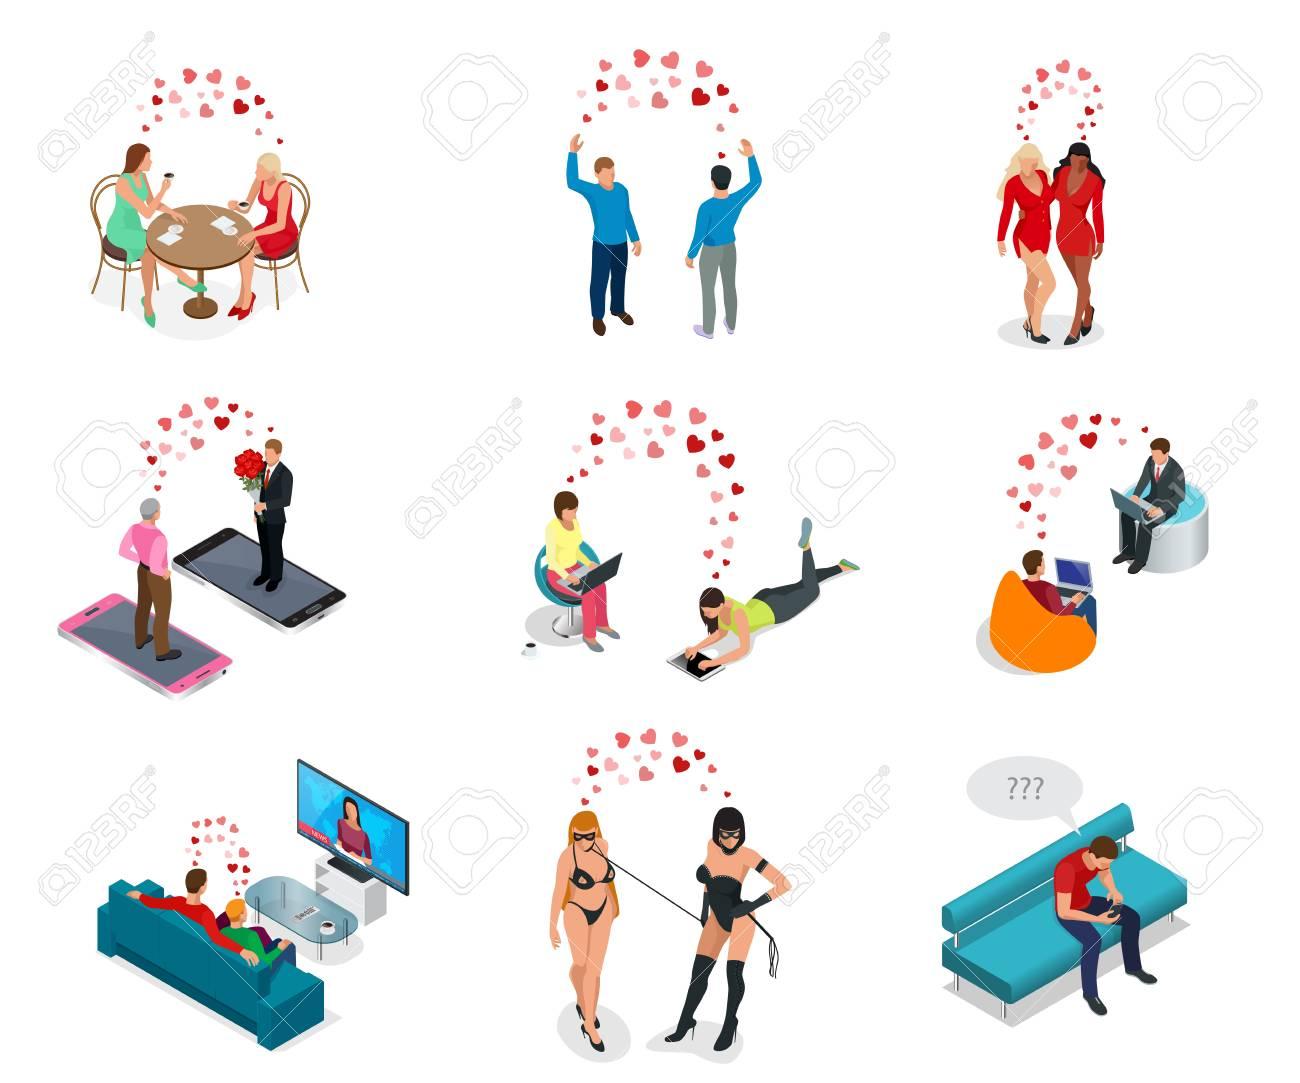 gratis online gay dating servizio incertezza relazioni di datazione